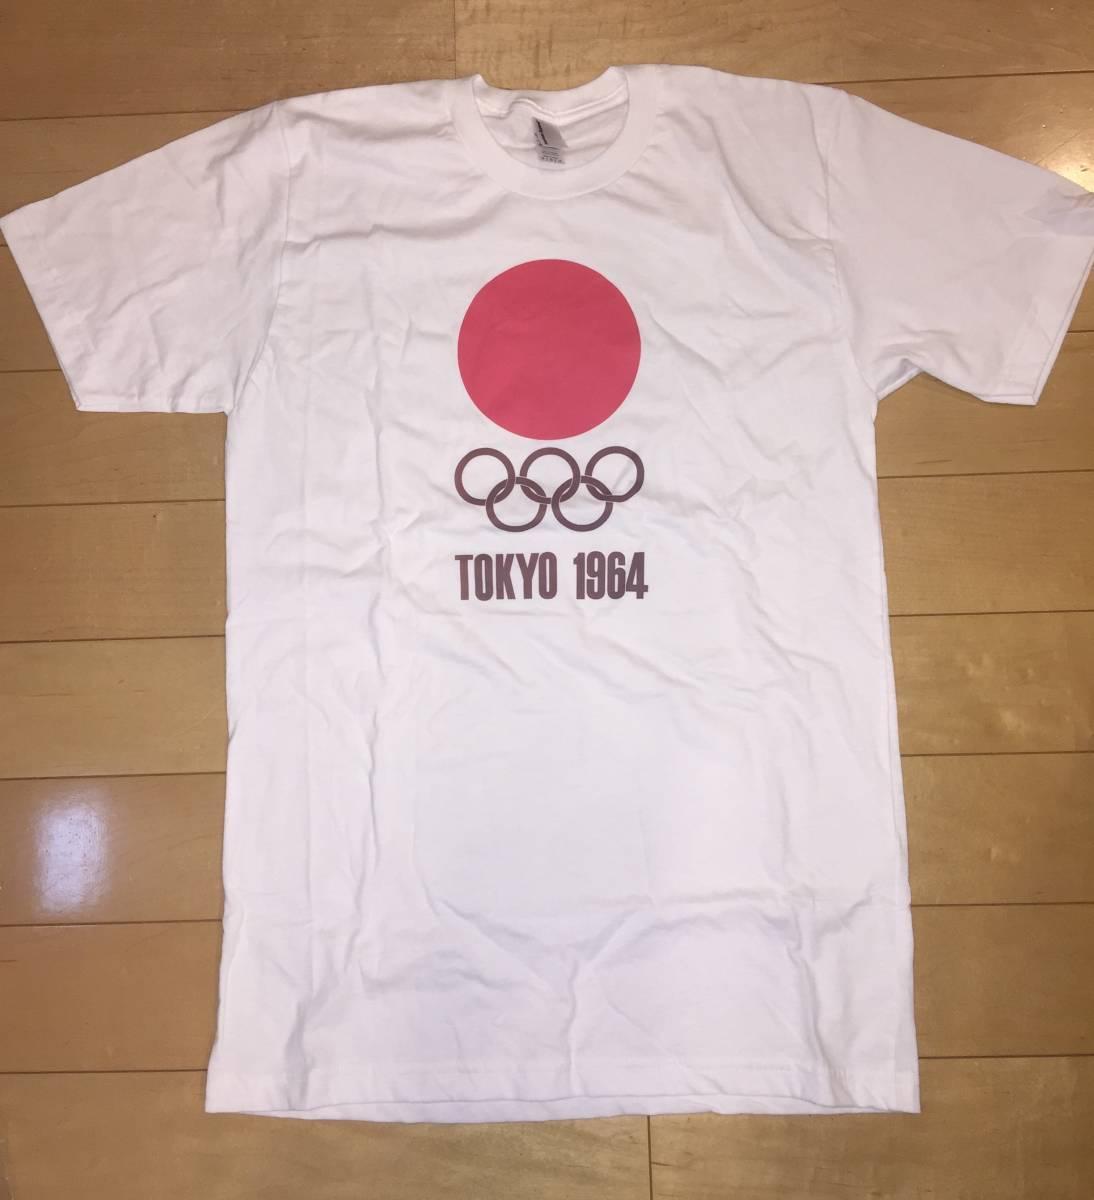 東京オリンピック 1964 Tシャツ American apparel サイズ注意 送料無料!